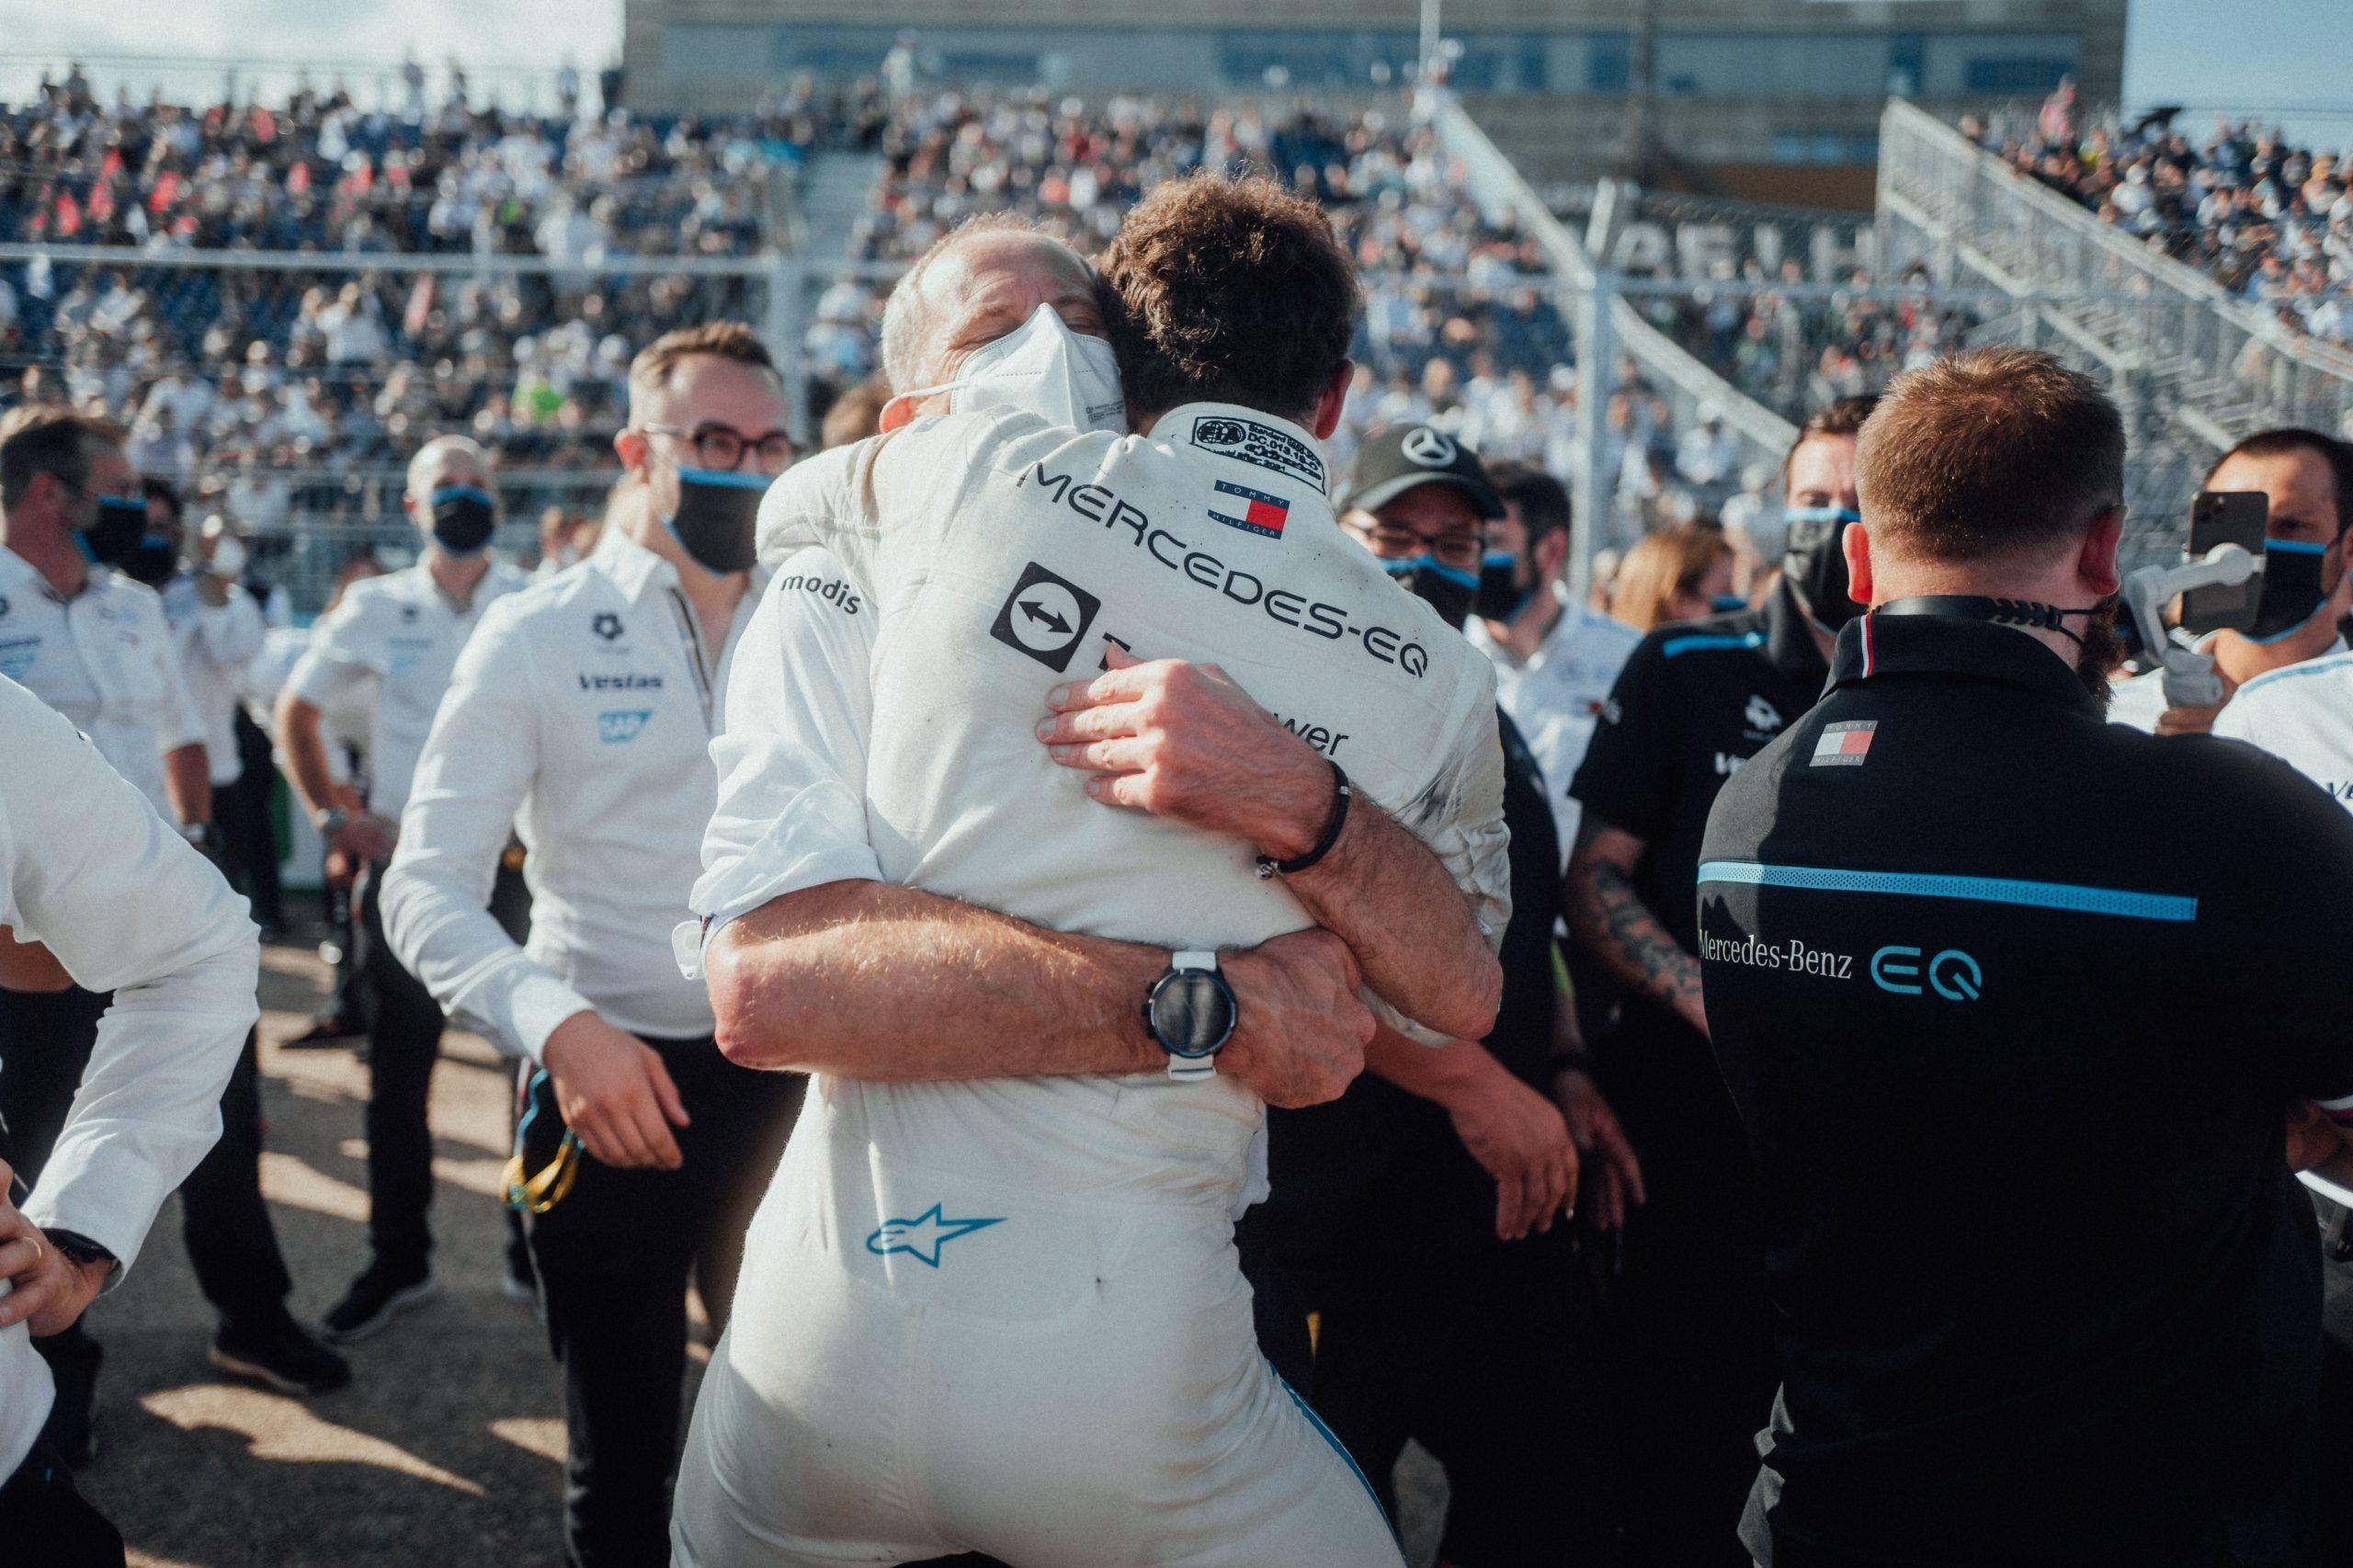 Fórmula E. Mercedes EQ. Nyck de Vries.